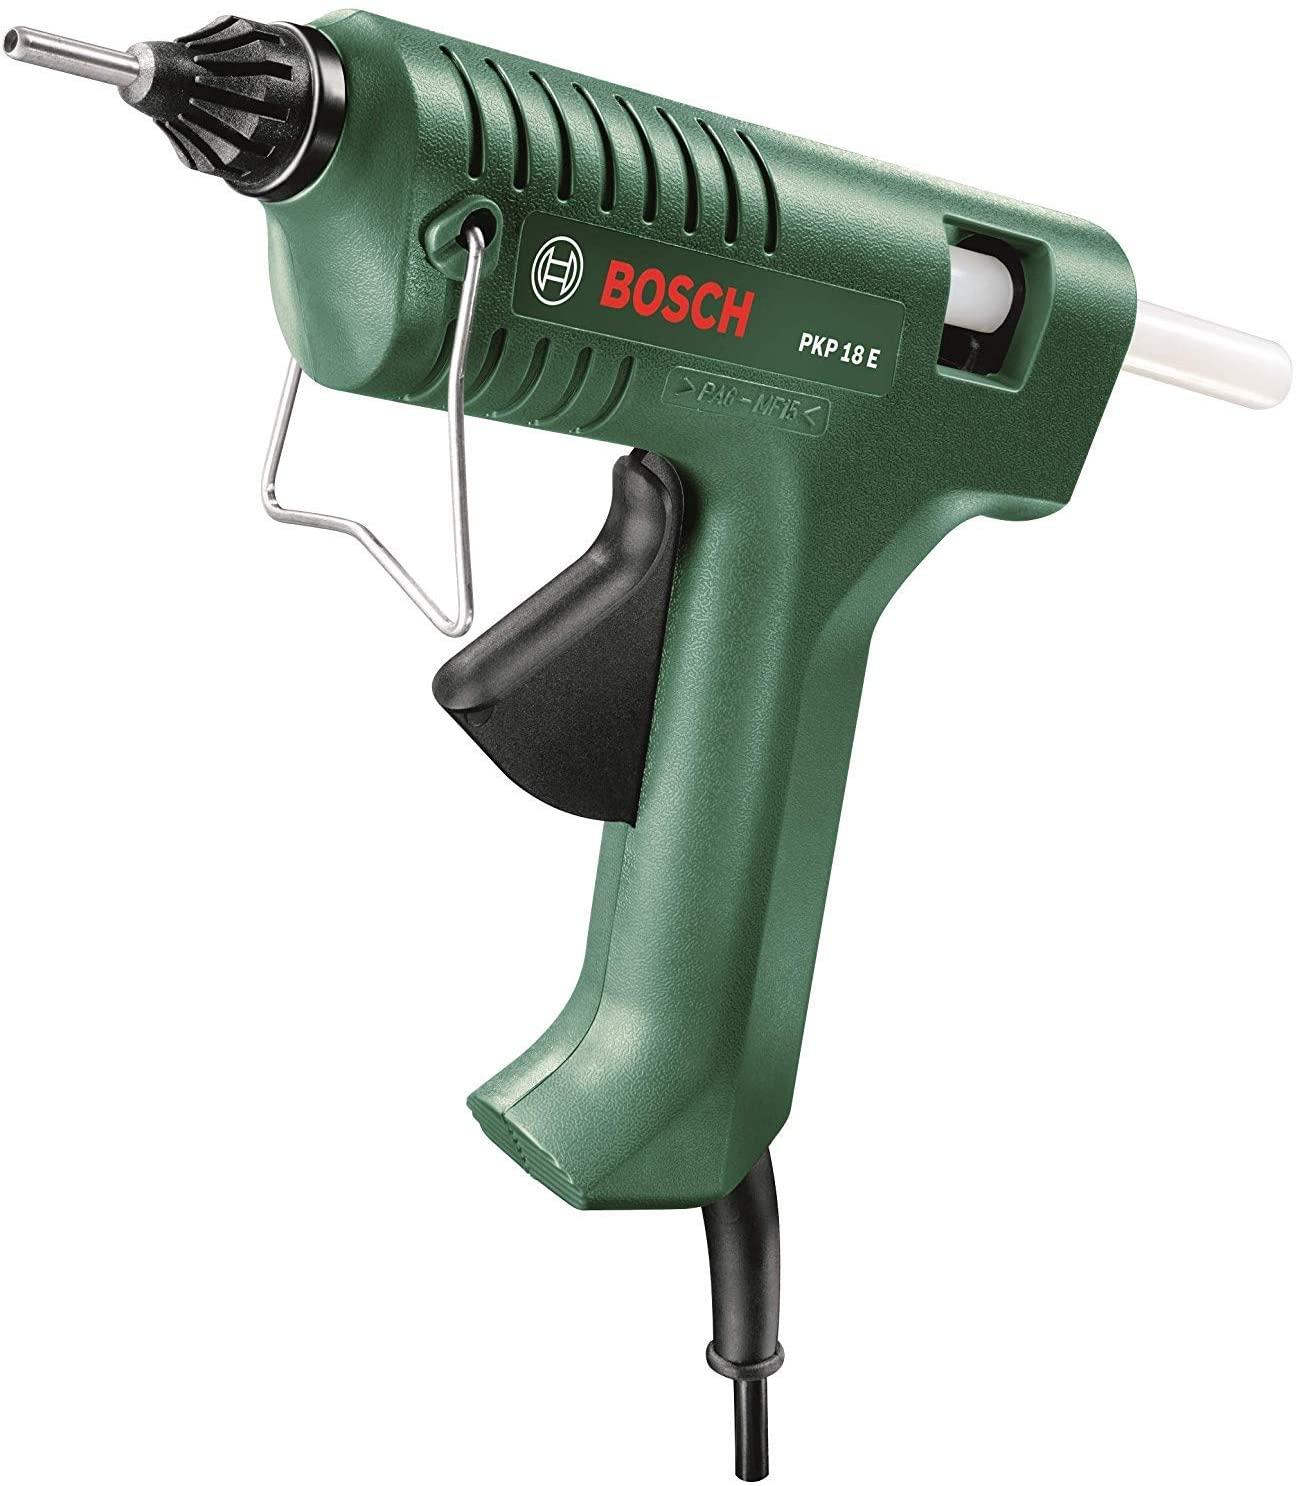 pistola-de-silicona-electrica-bosch-home-and-garden-pkp-18-e.jpg